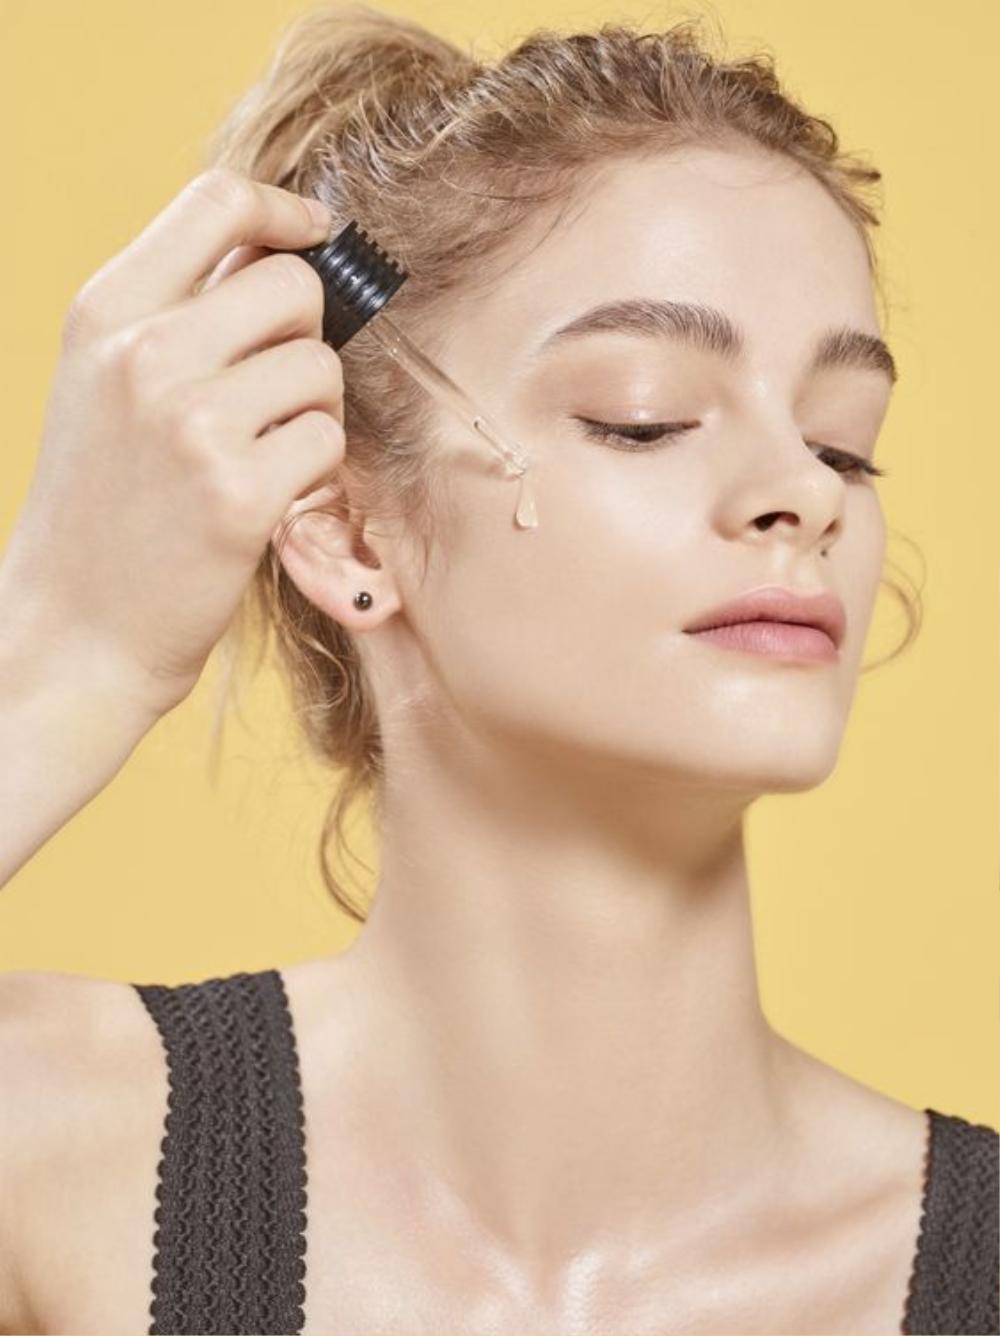 Làm thế nào để chăm sóc da với mỹ phẩm trang điểm? Ảnh 4